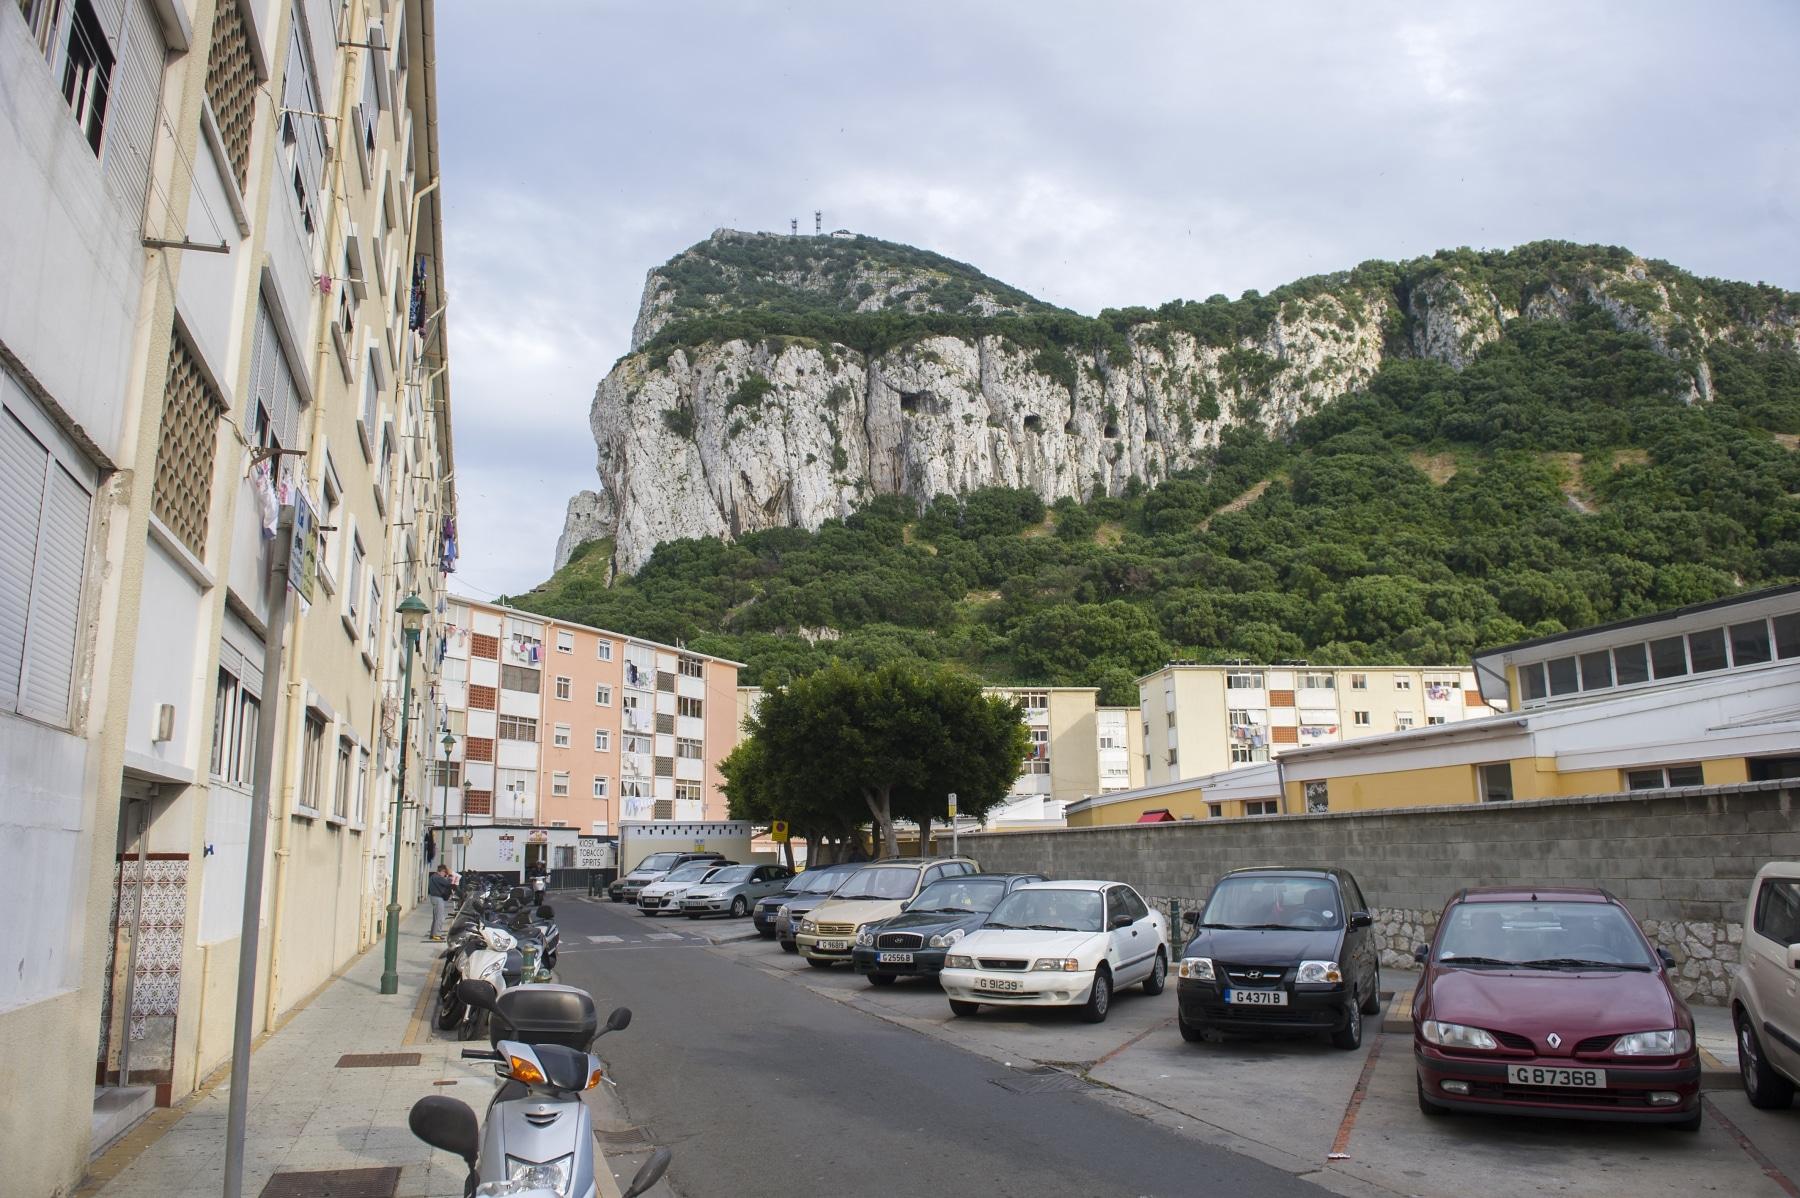 paisajes-urbanos-gibraltar-06_9222269187_o